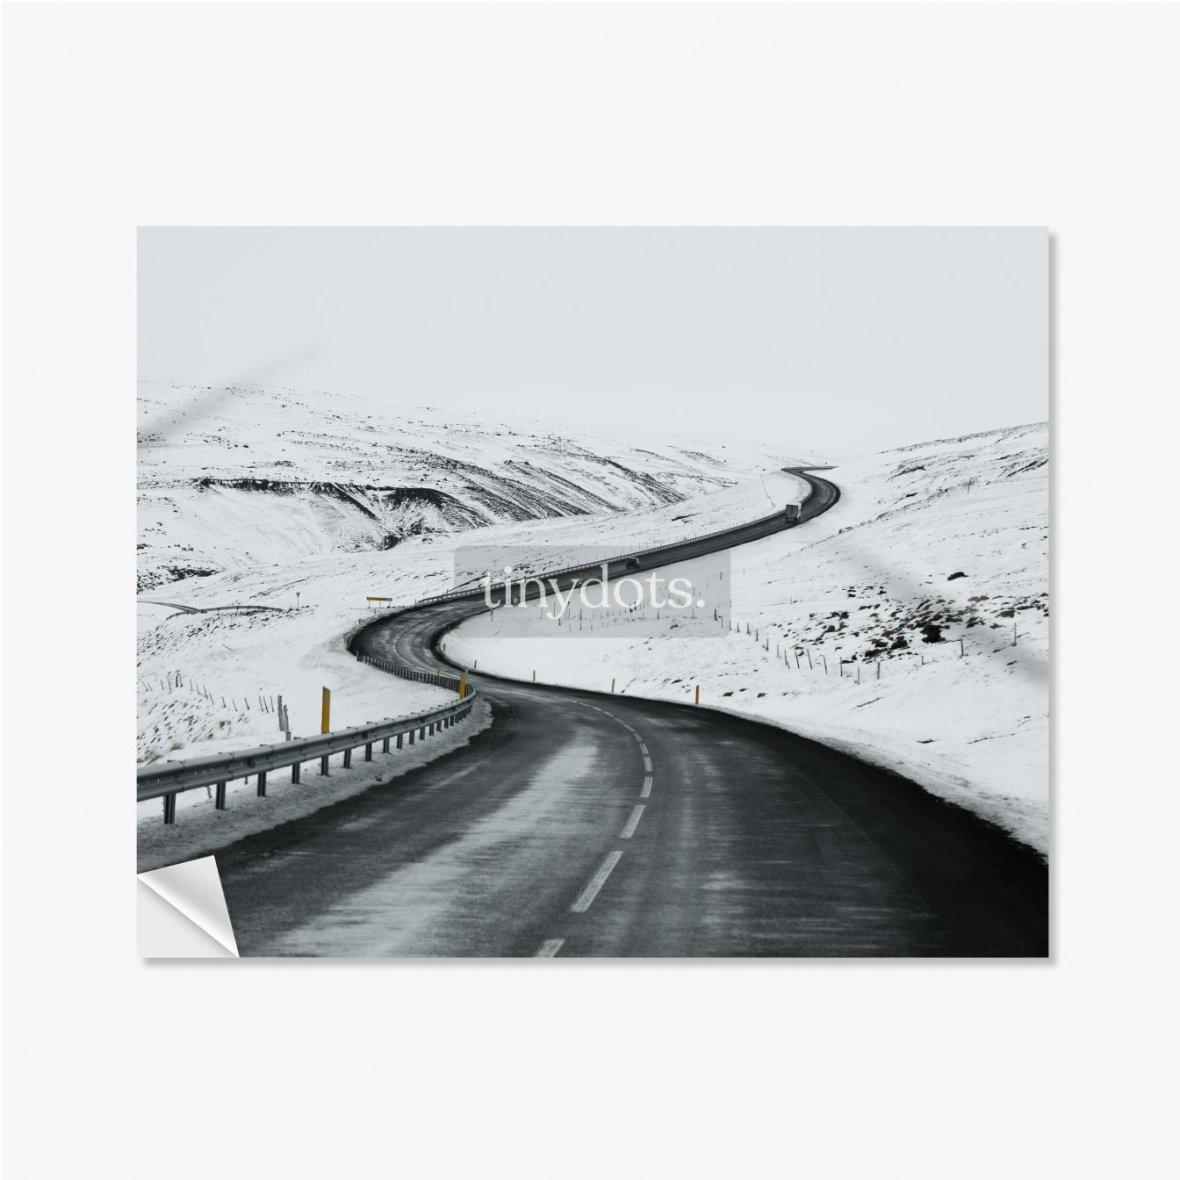 Selbstklebende Poster Bergauf Straßenlandschaft im Winter bei Island. Asphaltstraße mit seitlich voller Schnee